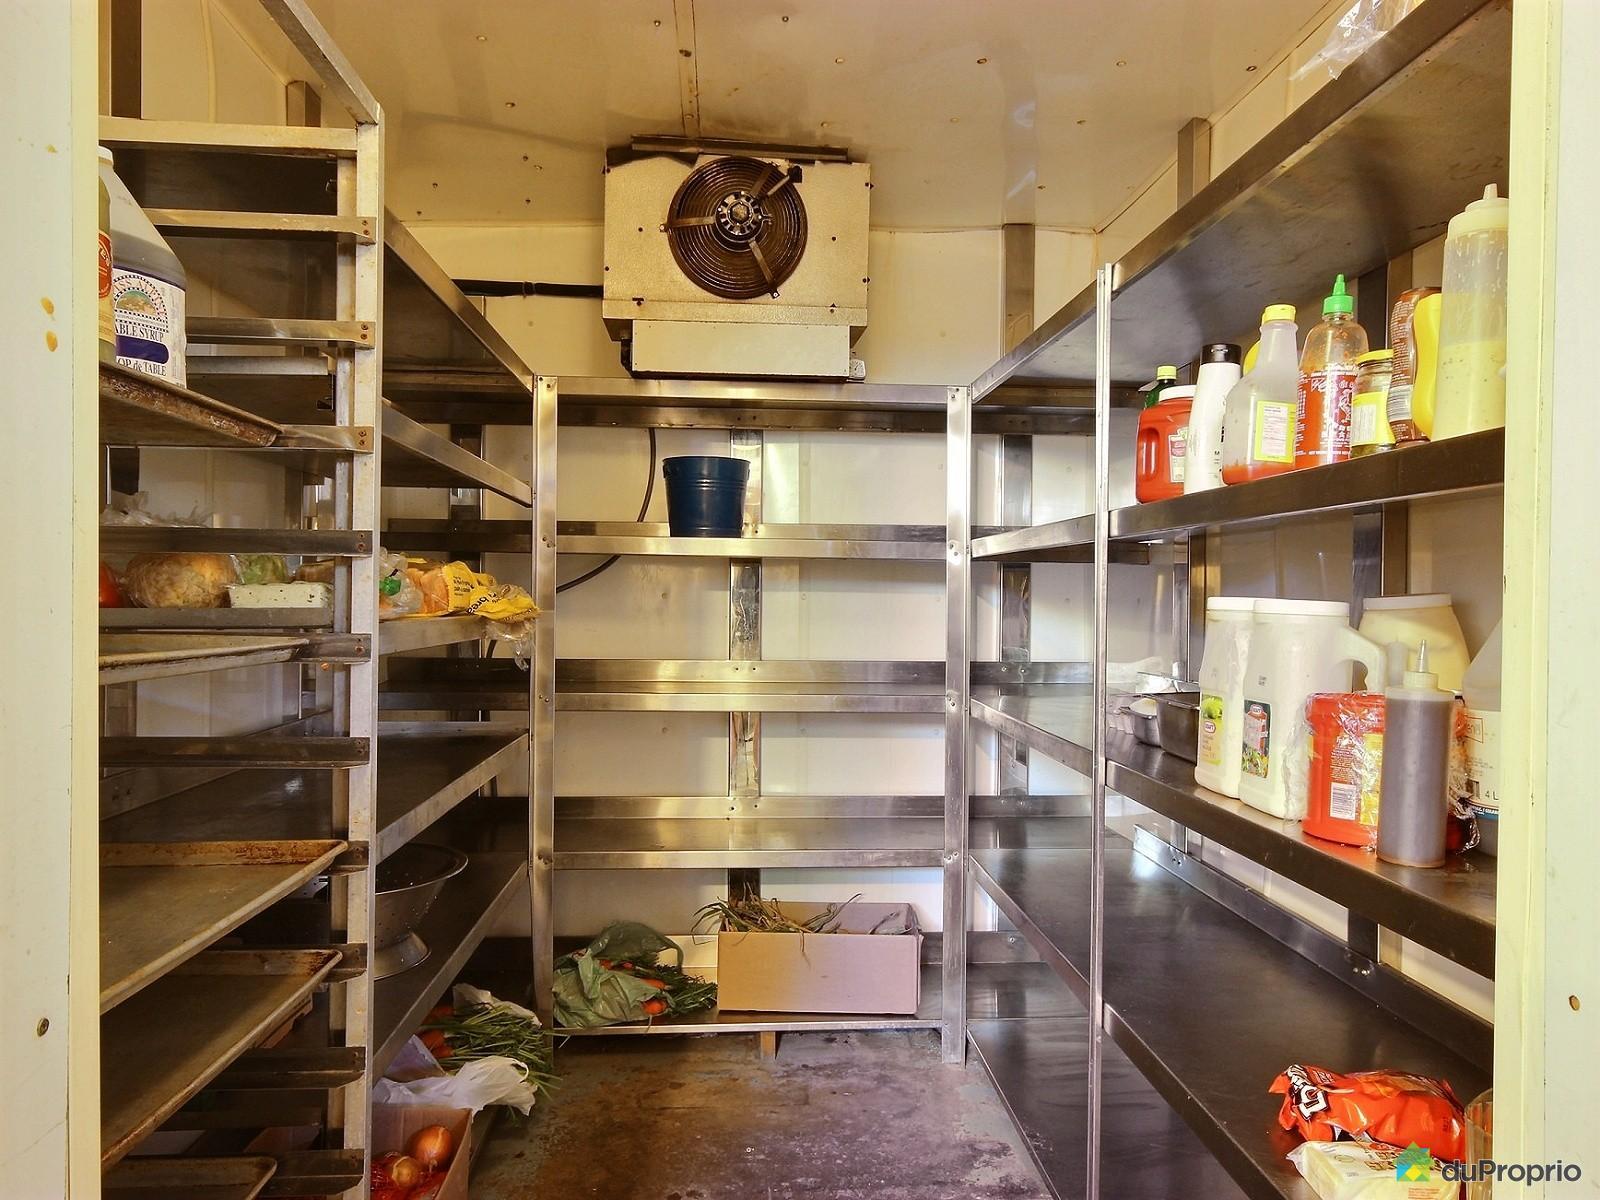 Chambre frigorifique : je vous parler des différents modèles